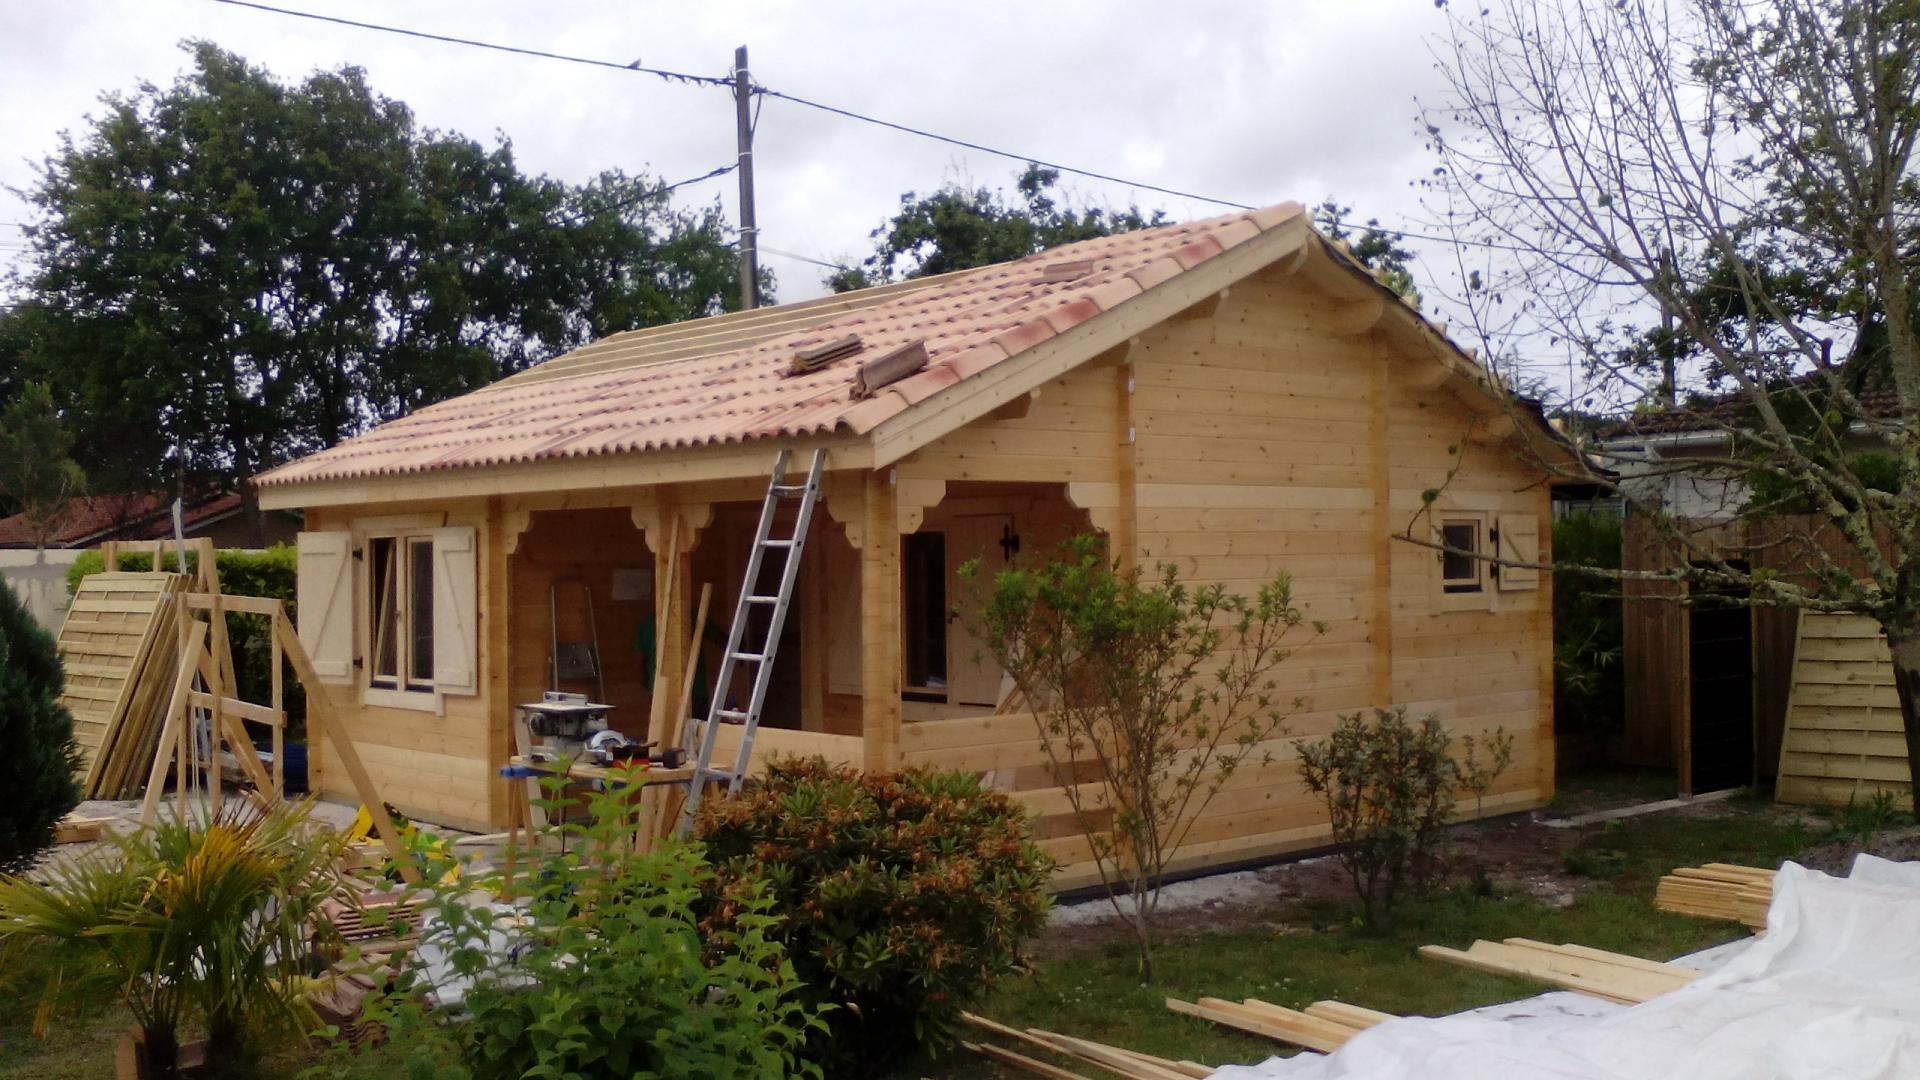 Fabricant Constructeur De Kits Chalets En Bois Habitables - Stmb dedans Chalet En Kit Habitable Pas Cher